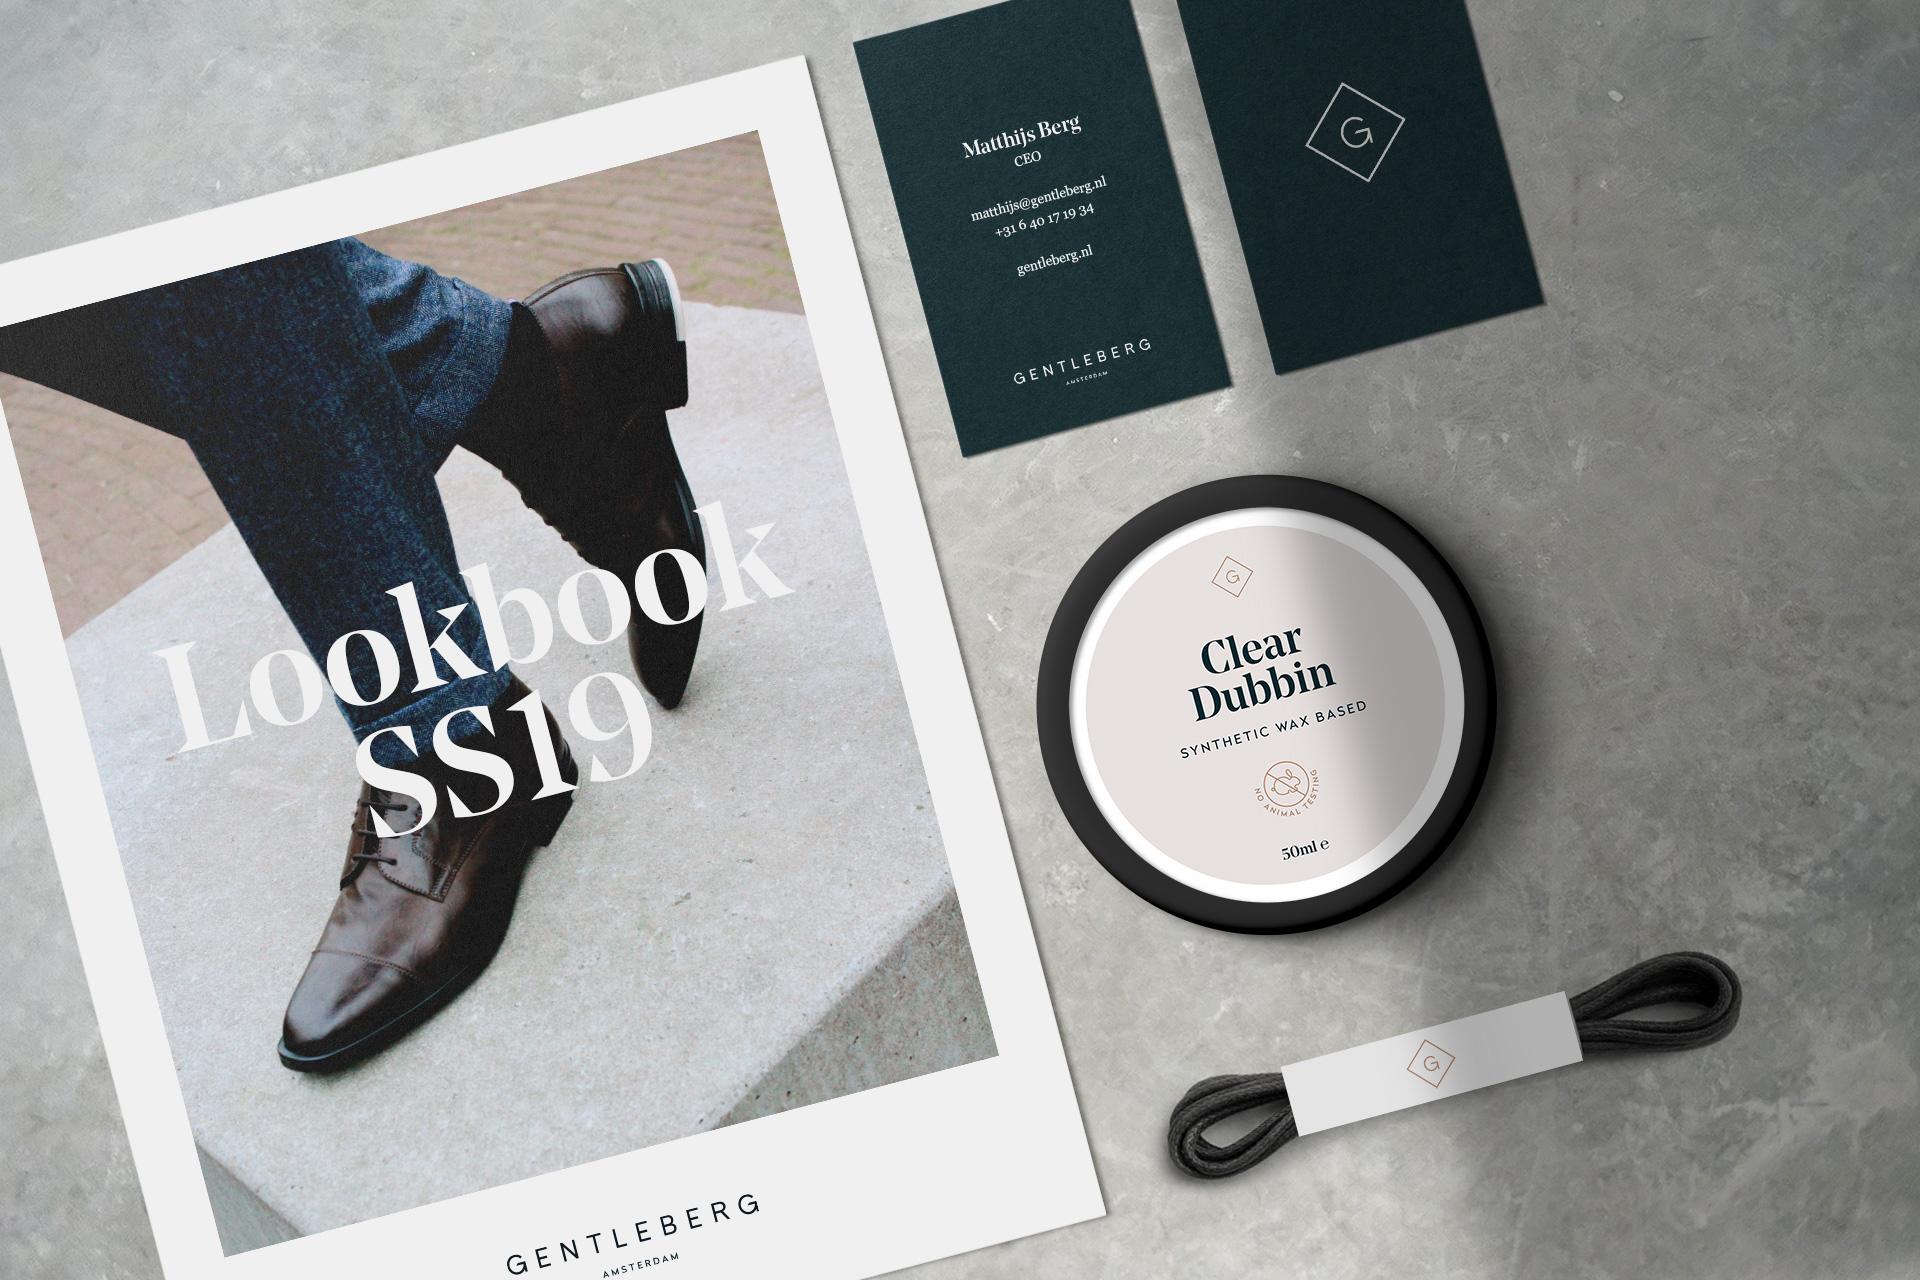 Studio tkd - Gentleberg Shoes1.jpg